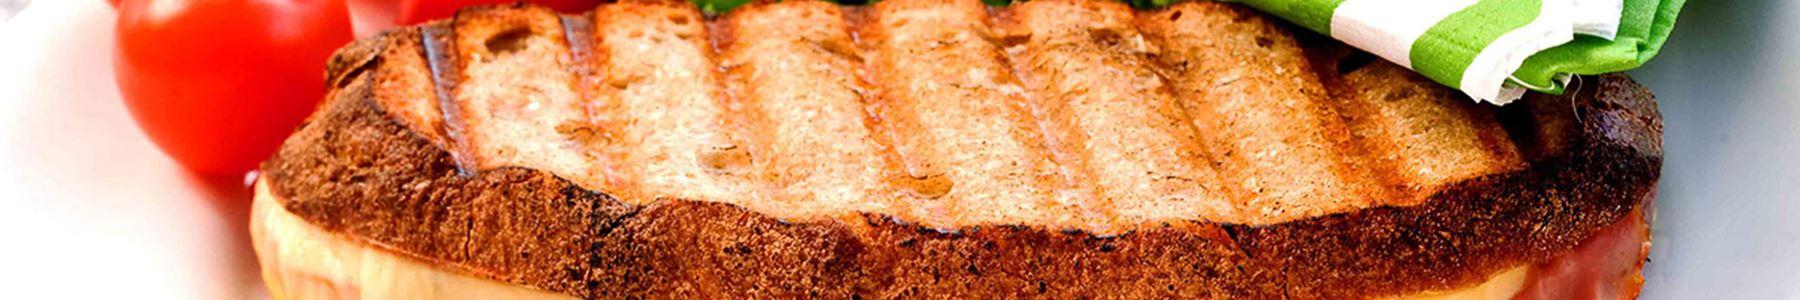 Wästgöta kloster® + Frukost + Toast